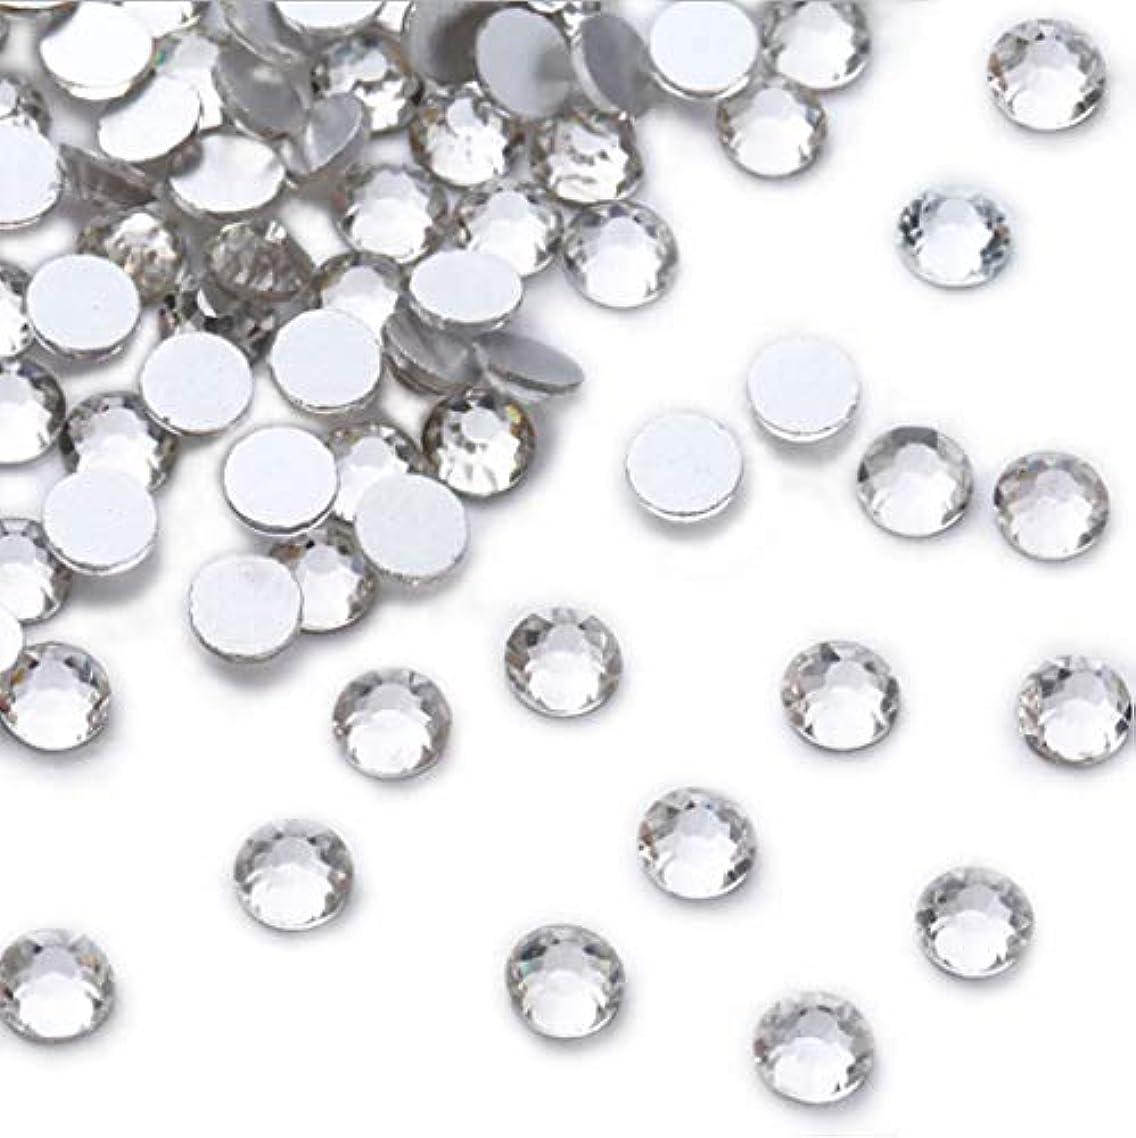 正当な不安衝動XIULIラインストーン DIY ネイルを飾てと服装使用 高い採光 ホワイト ss3-30 (3.2mm ss12(1440粒), サイズ)